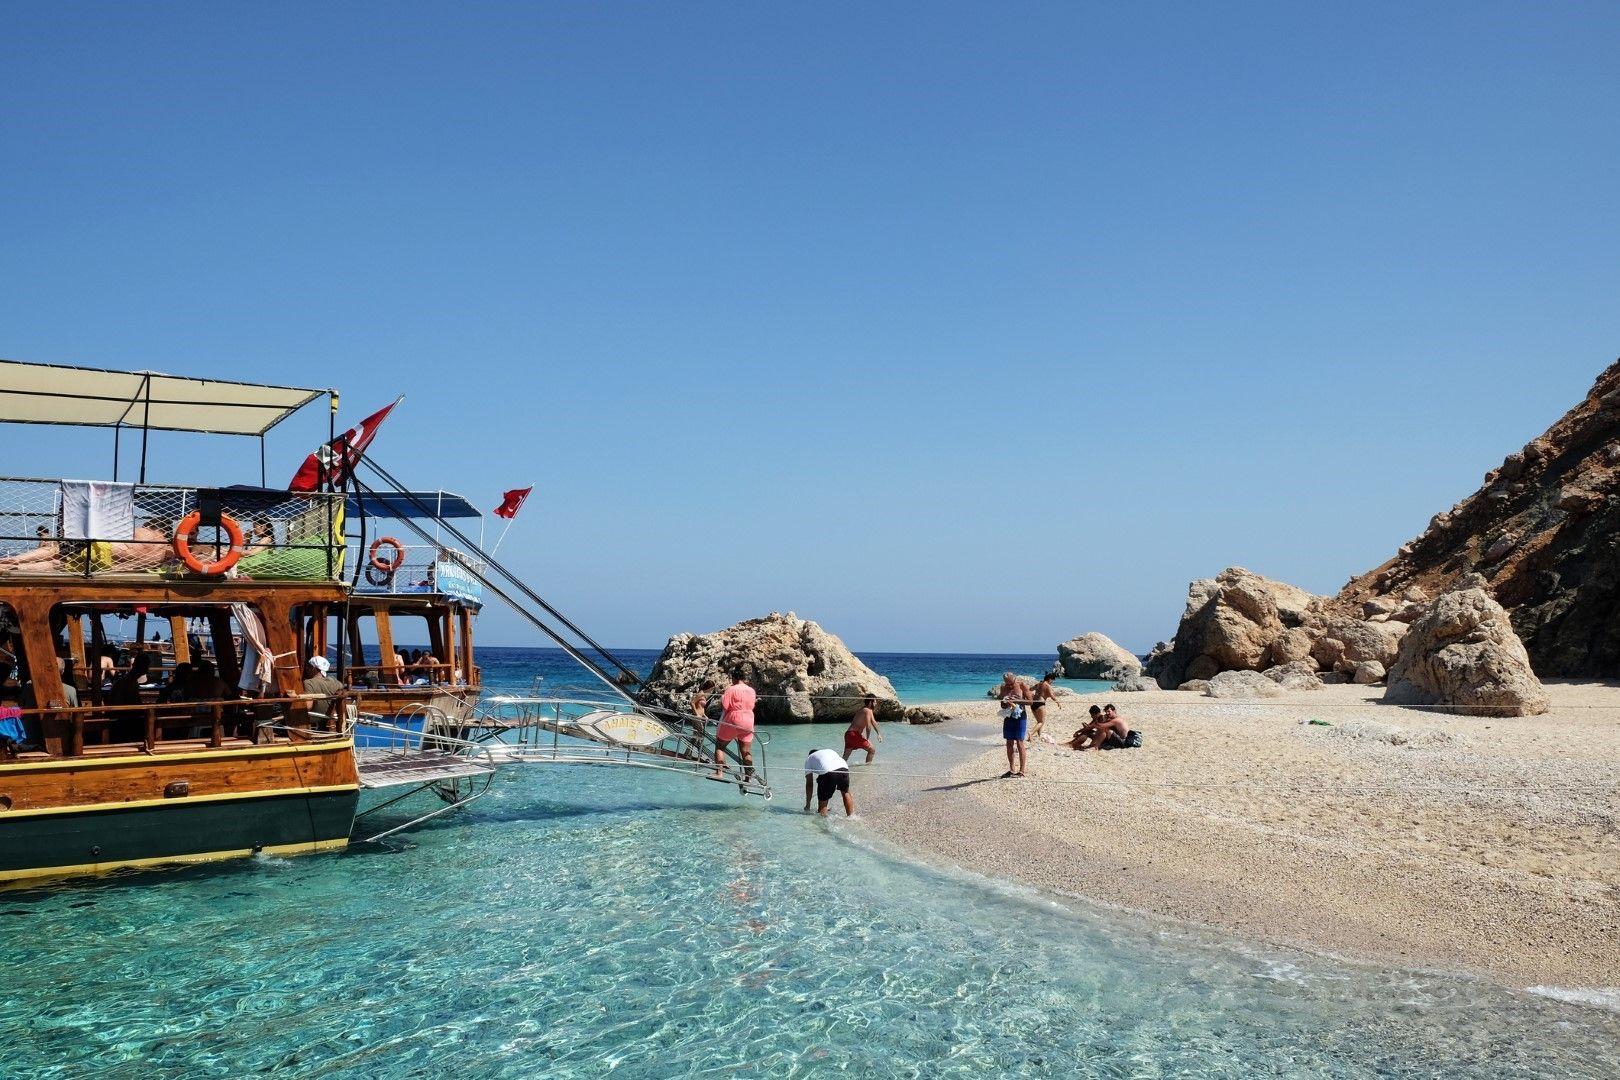 Остров Сулуада е достъпен само с лодка